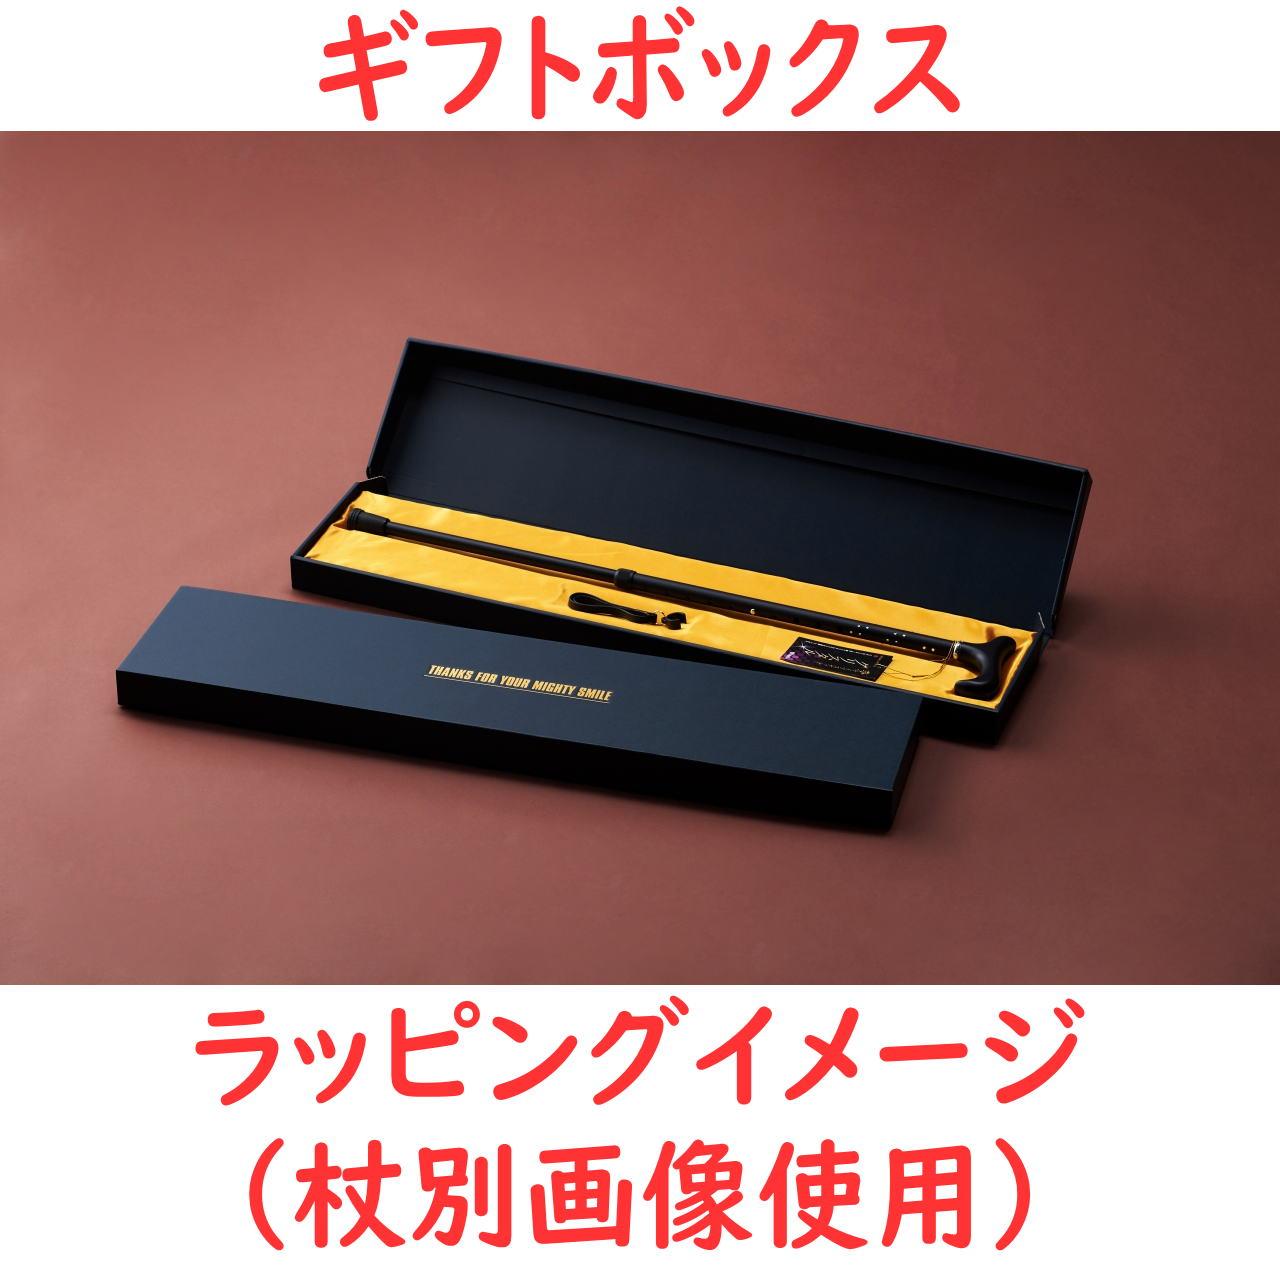 ☆ギフトボックス可☆ 夢ライフステッキ クリスタル  2色より選べます